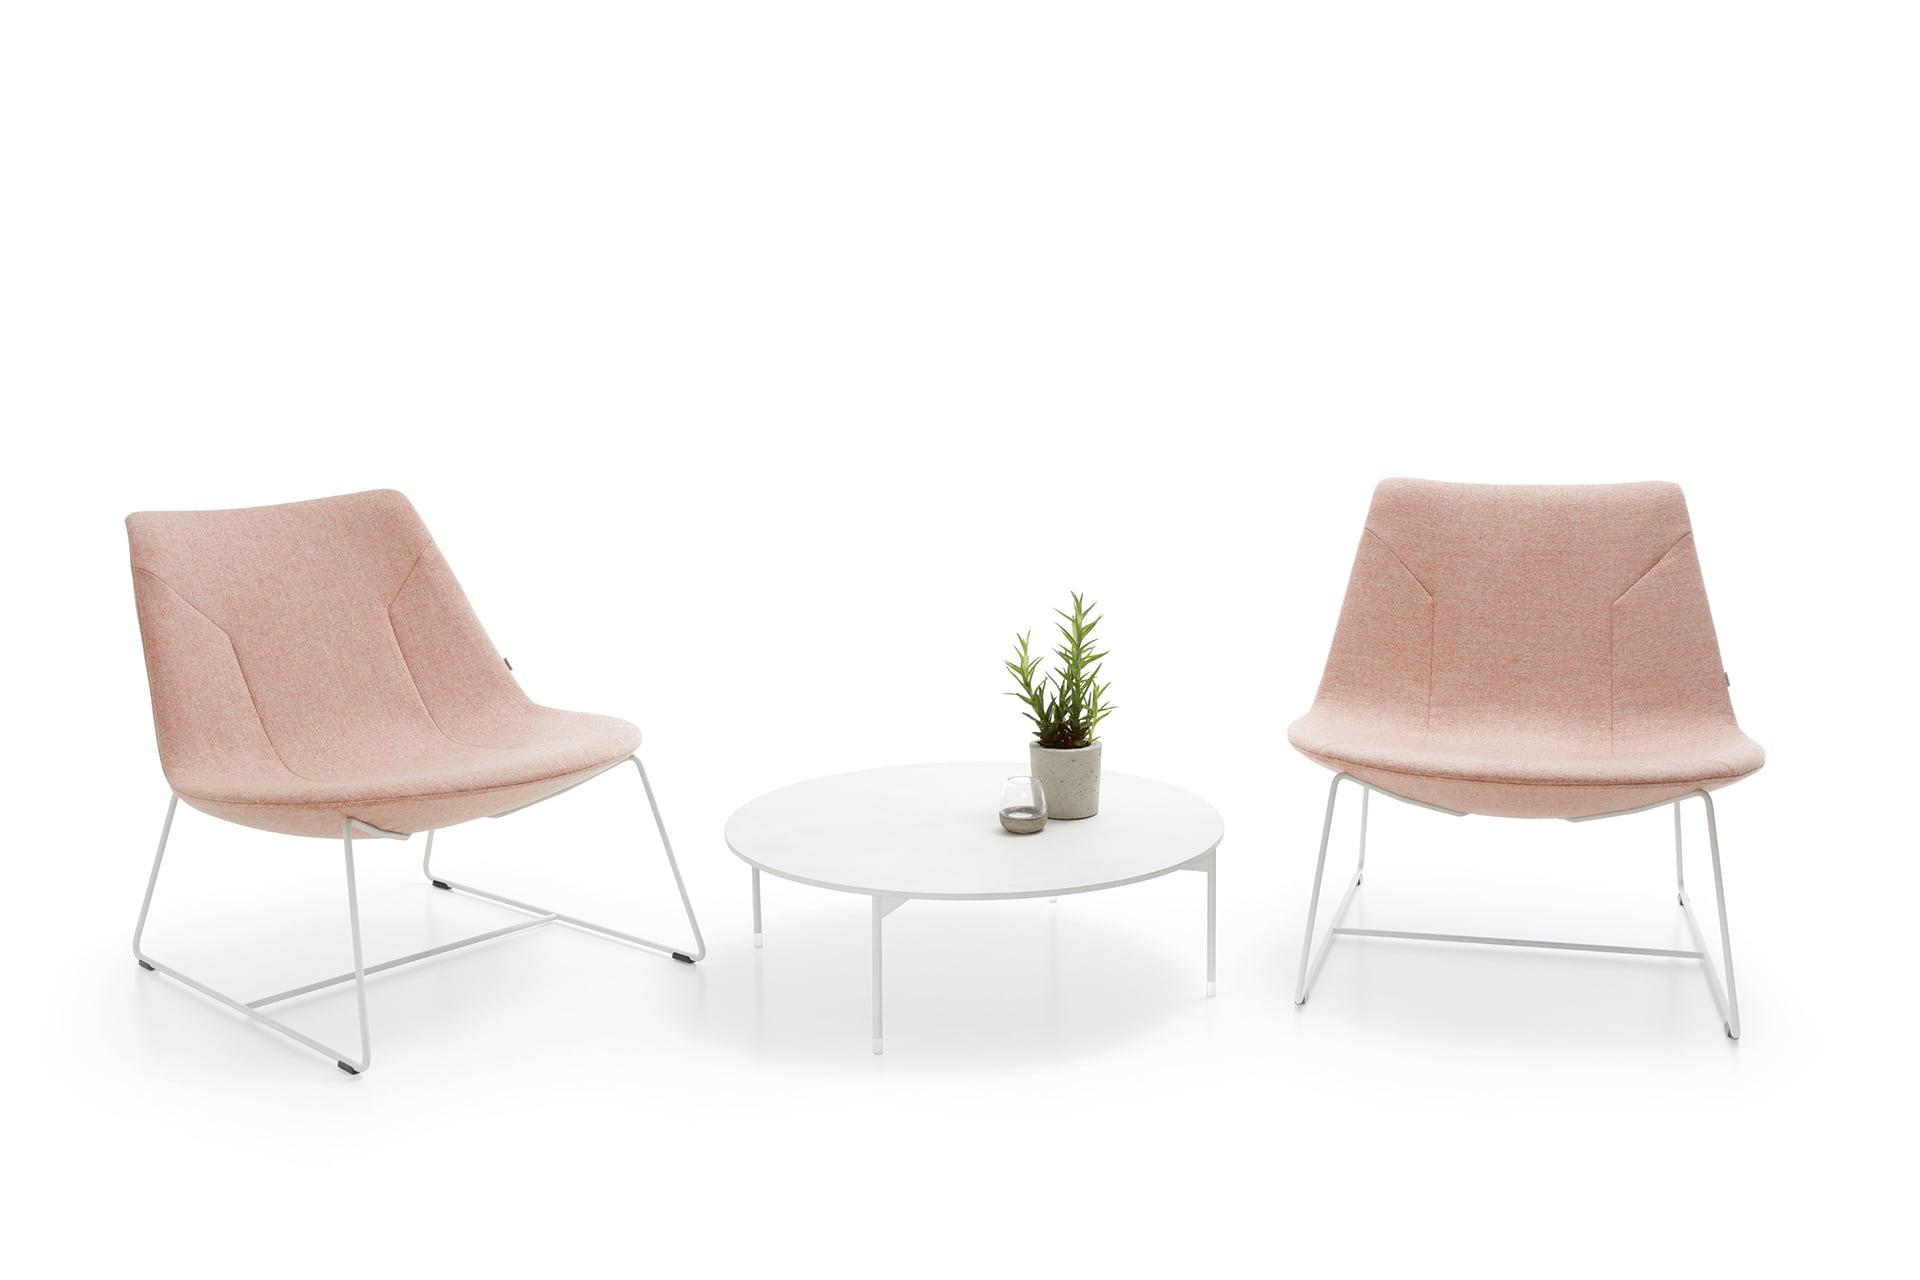 Nowoczesny fotel wypoczynkowy Chic Lounge niski